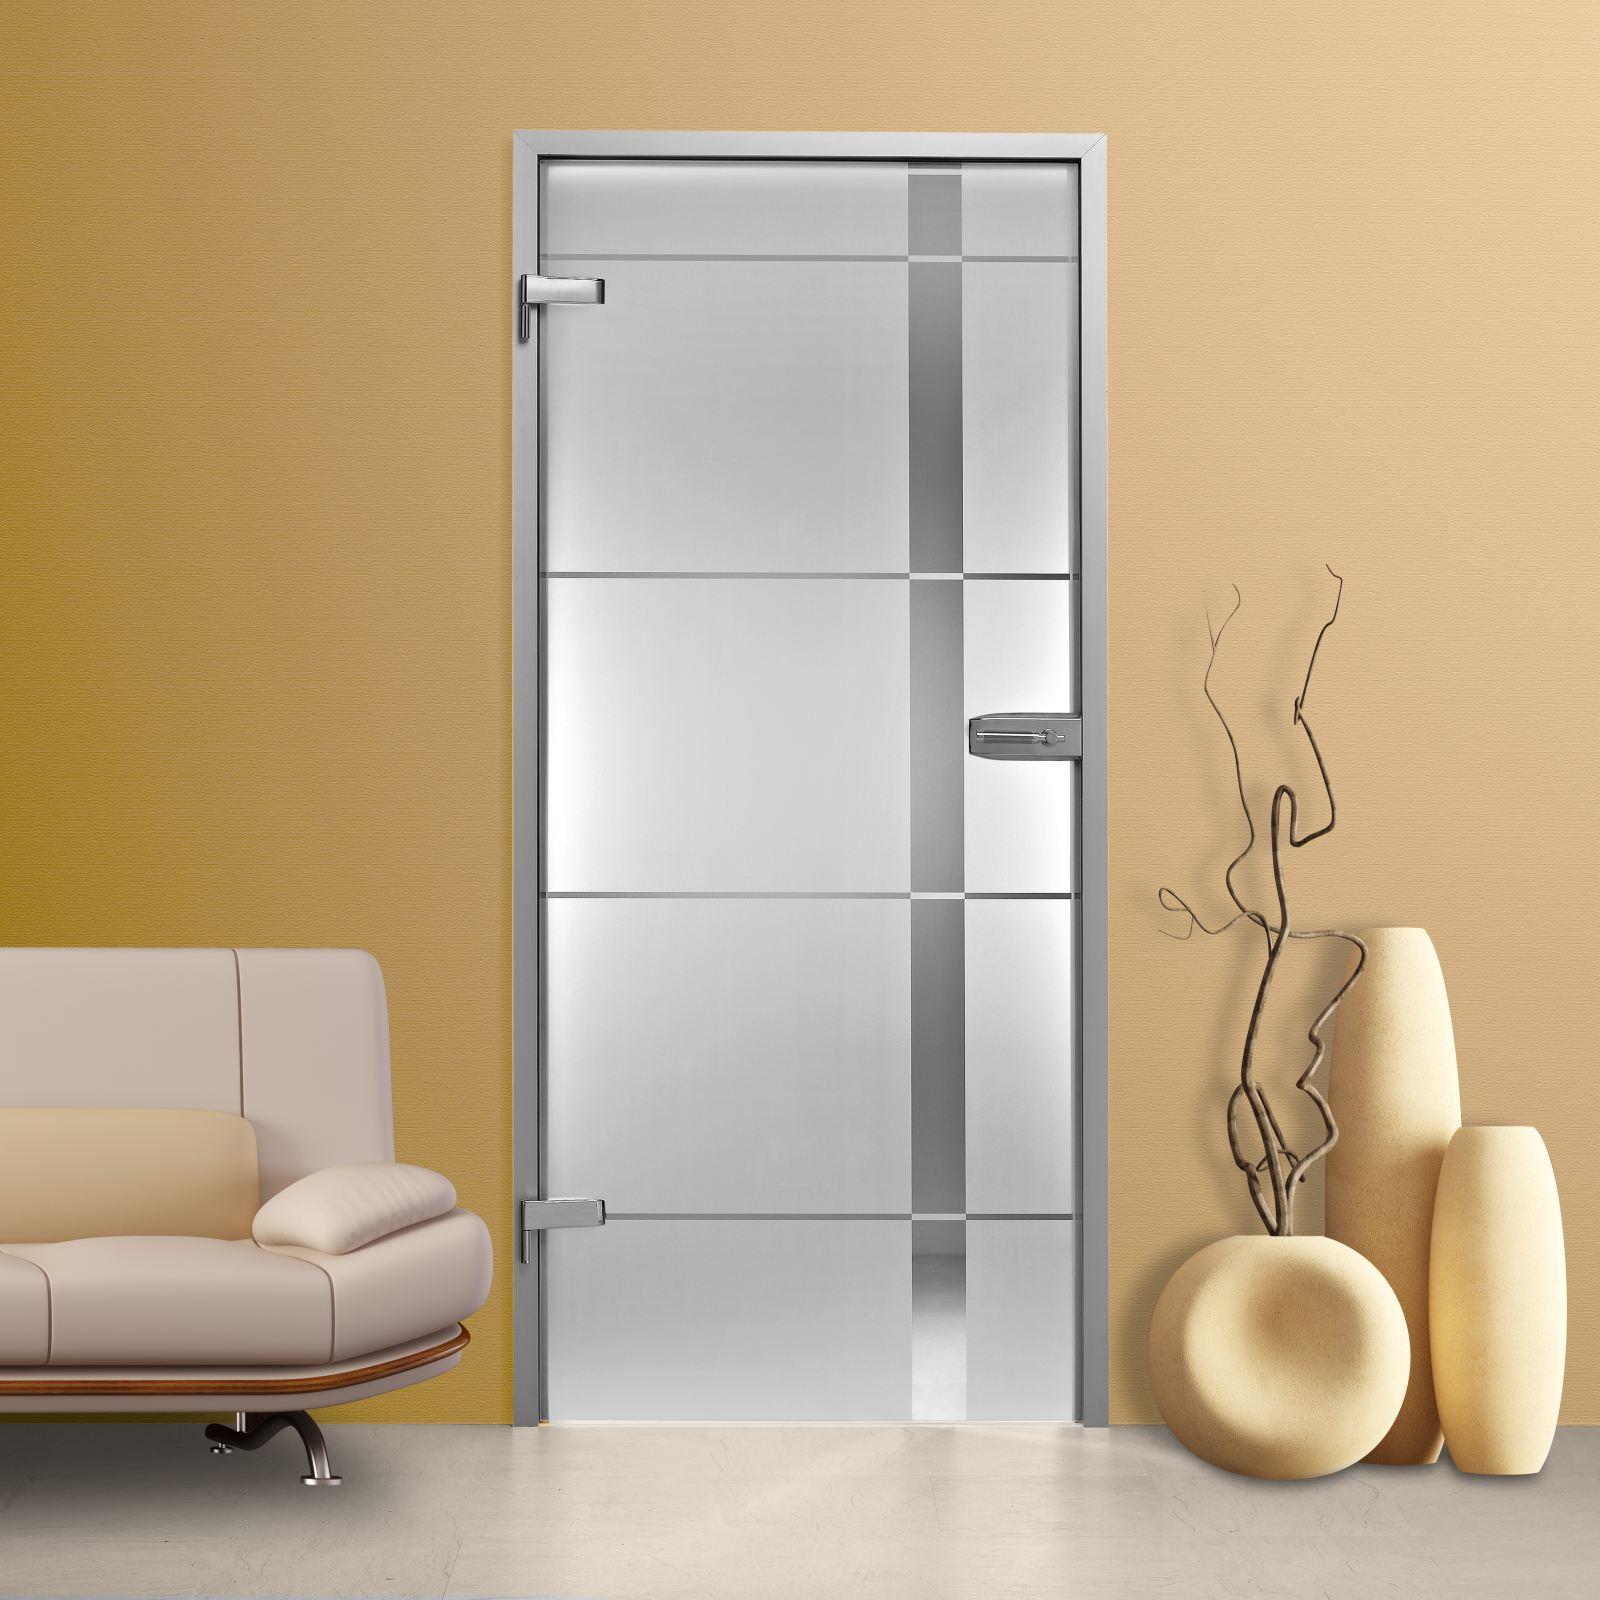 glast r gds286 f klarglas mit dekor ebay. Black Bedroom Furniture Sets. Home Design Ideas